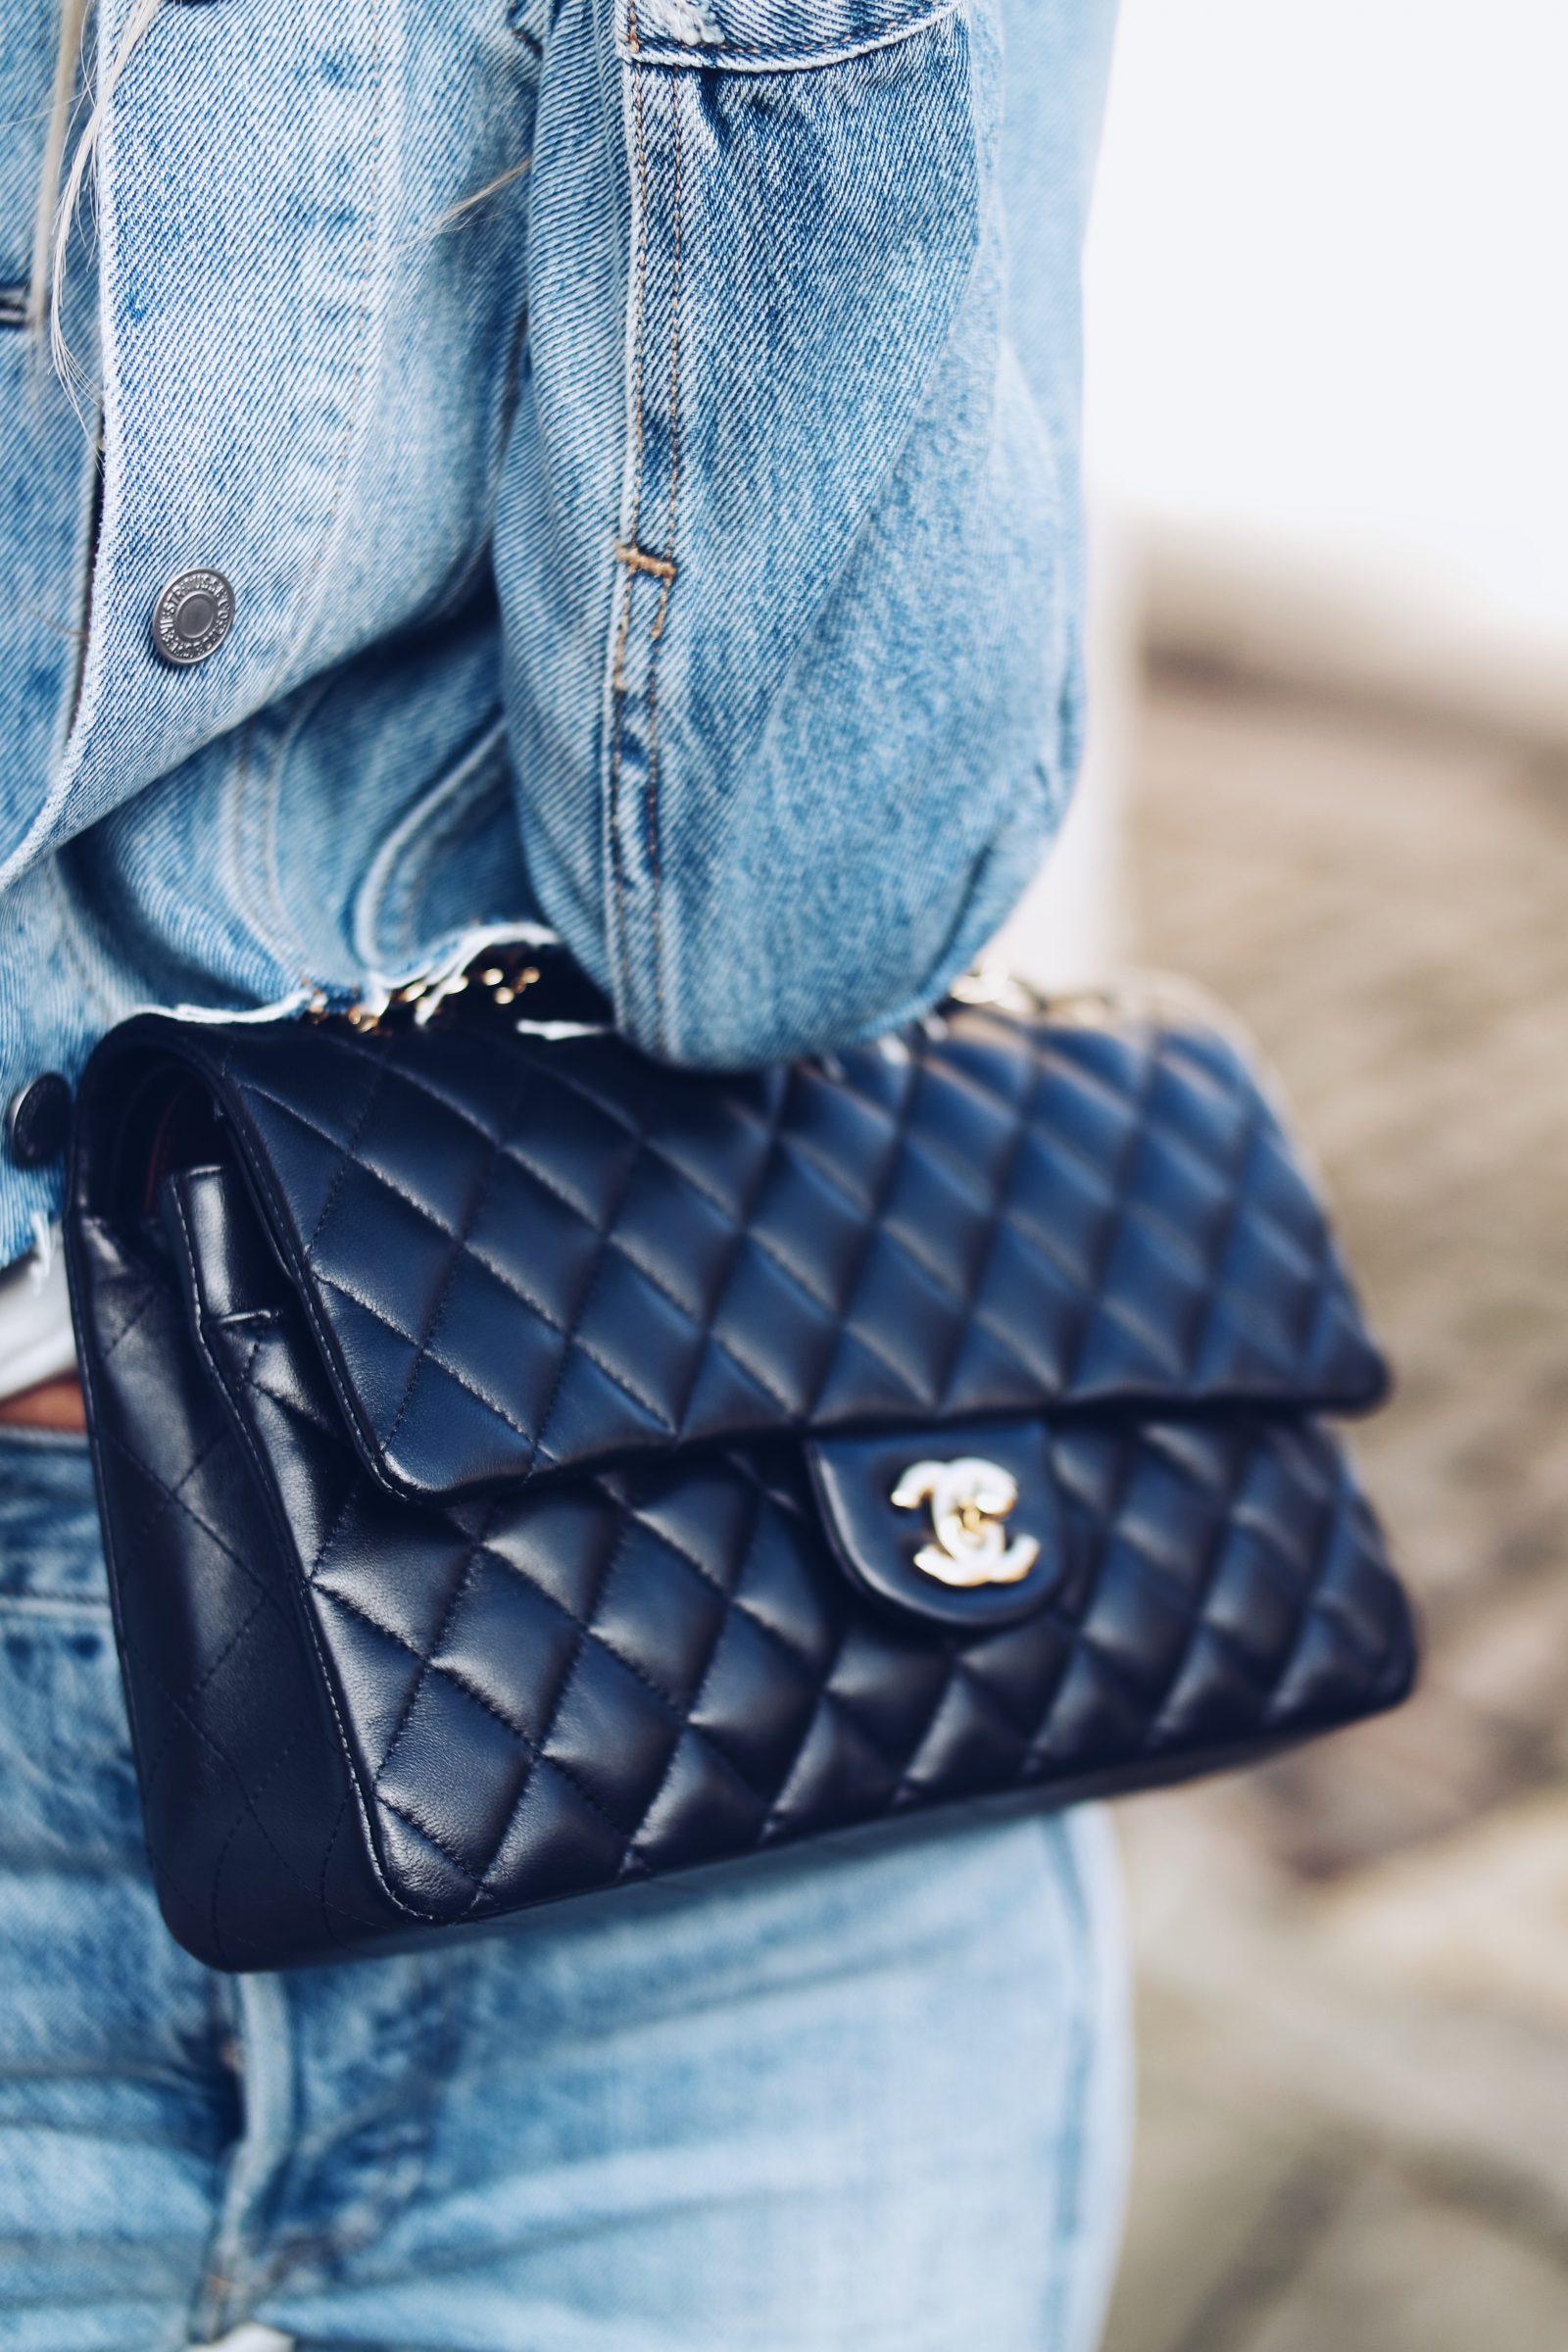 Levis Denim - Chanel Classic Flap